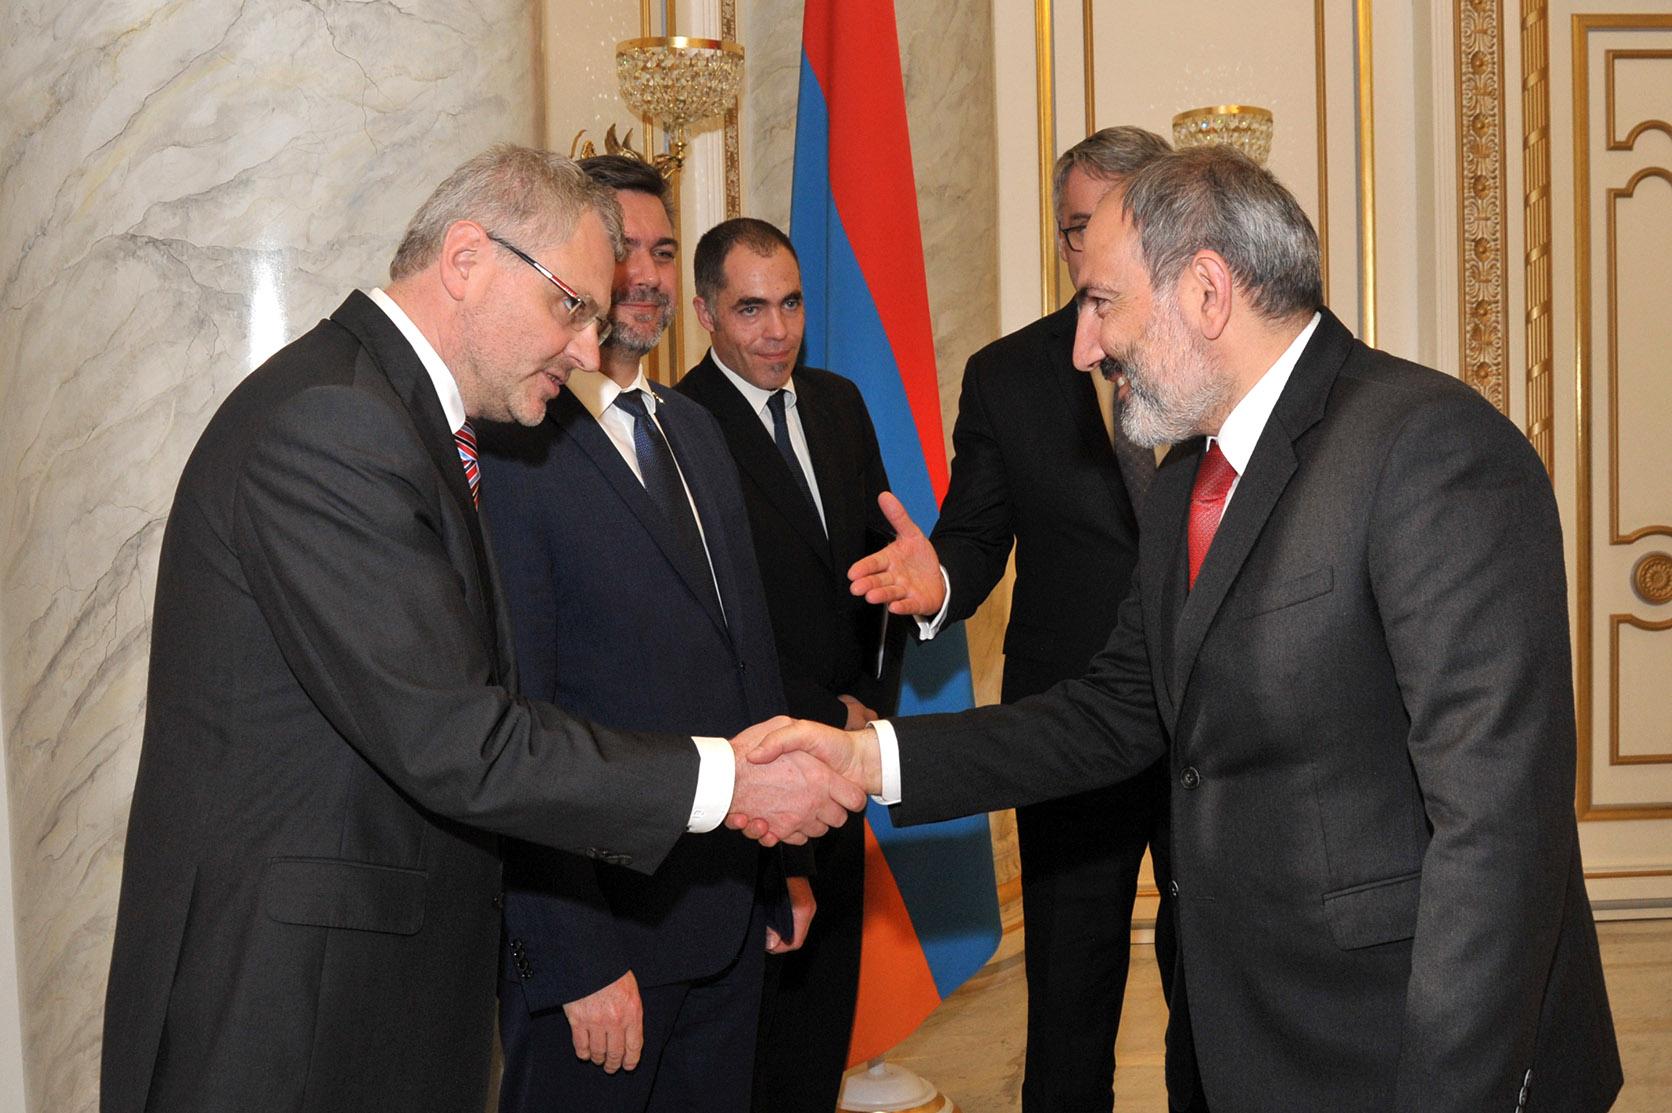 Photo of Վարչապետը և Չեխիայի պաշտպանության նախարարը քննարկել են համագործակցության հարցեր